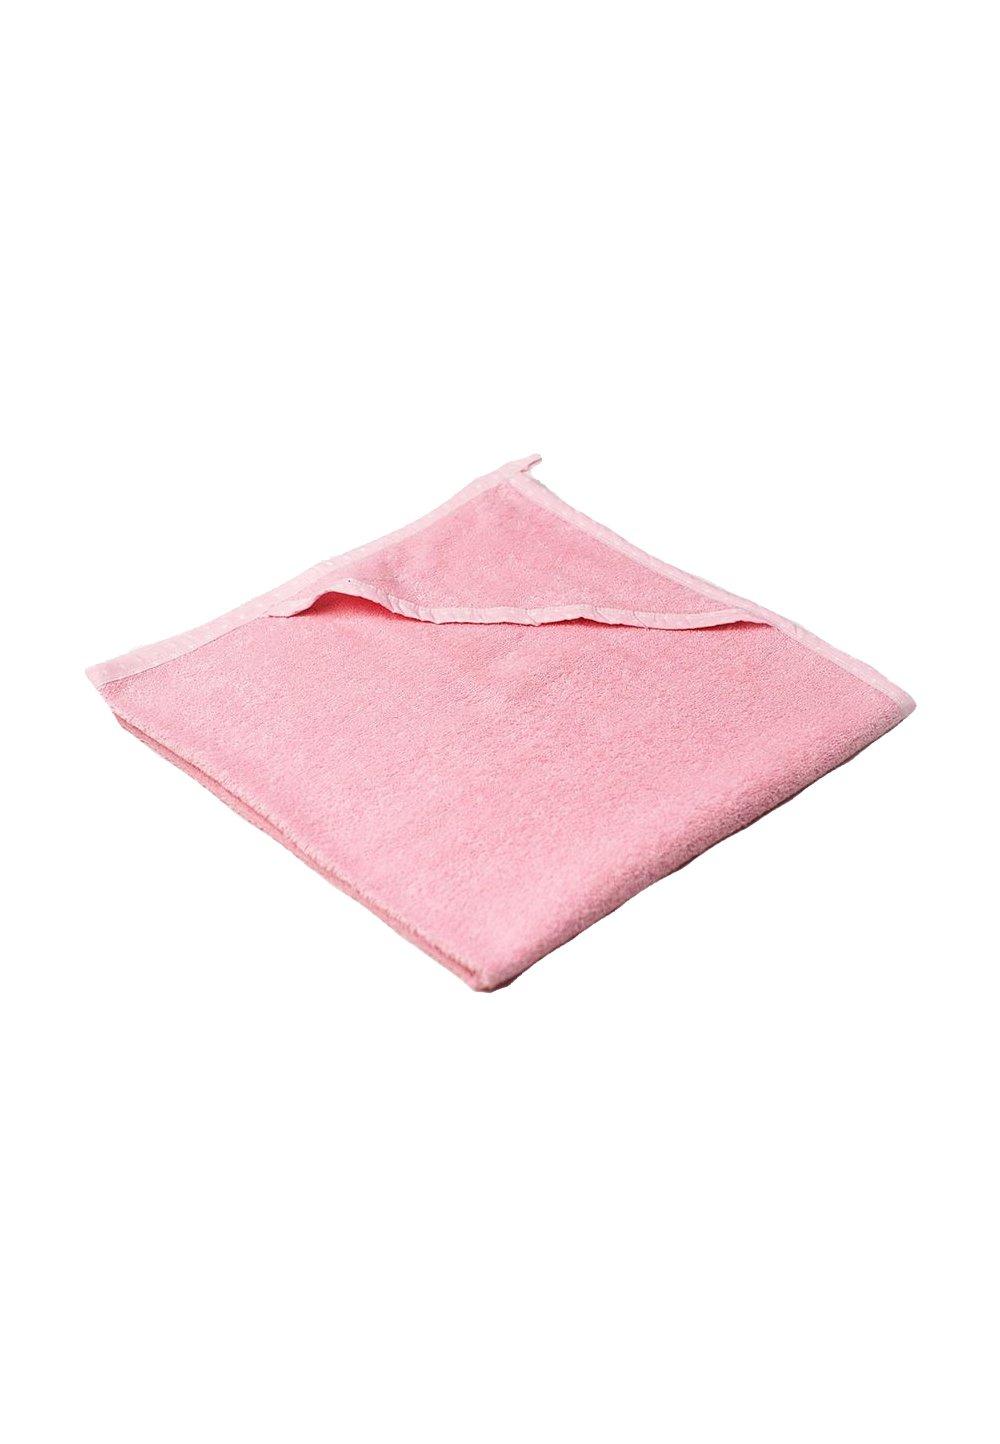 Prosop baie cu gluga, bumbac, roz cu bulinute albe , 75x75cm imagine